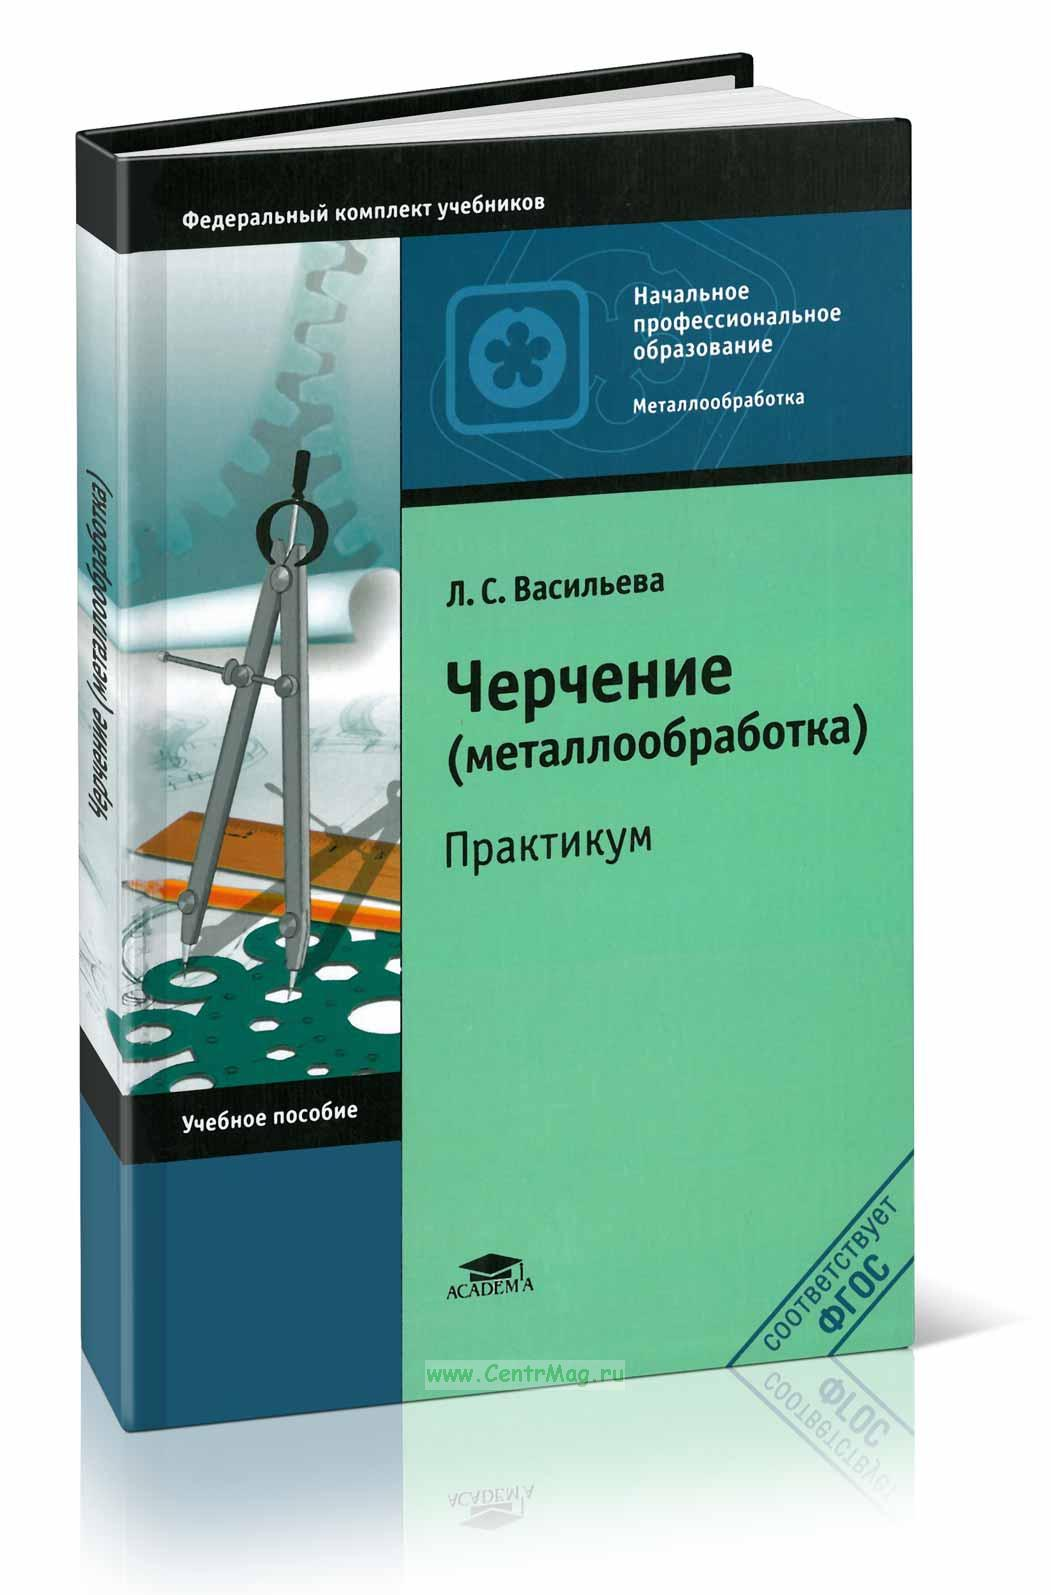 Черчение (металлообработка): Практикум: учебное пособие (5-е издание, исправленное)